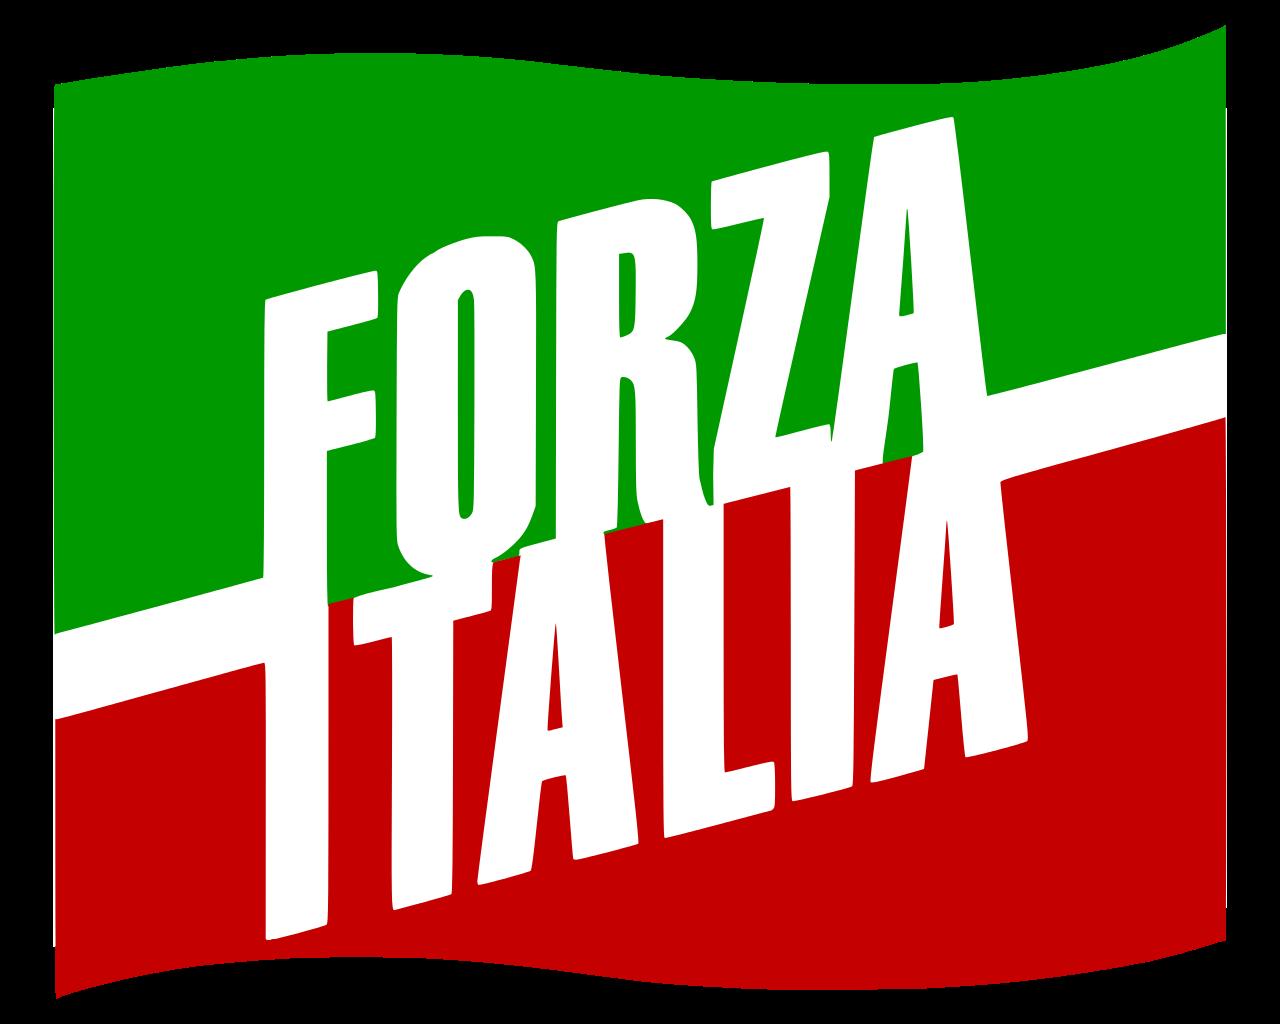 Forza italia wikipedia the. Language clipart language italian